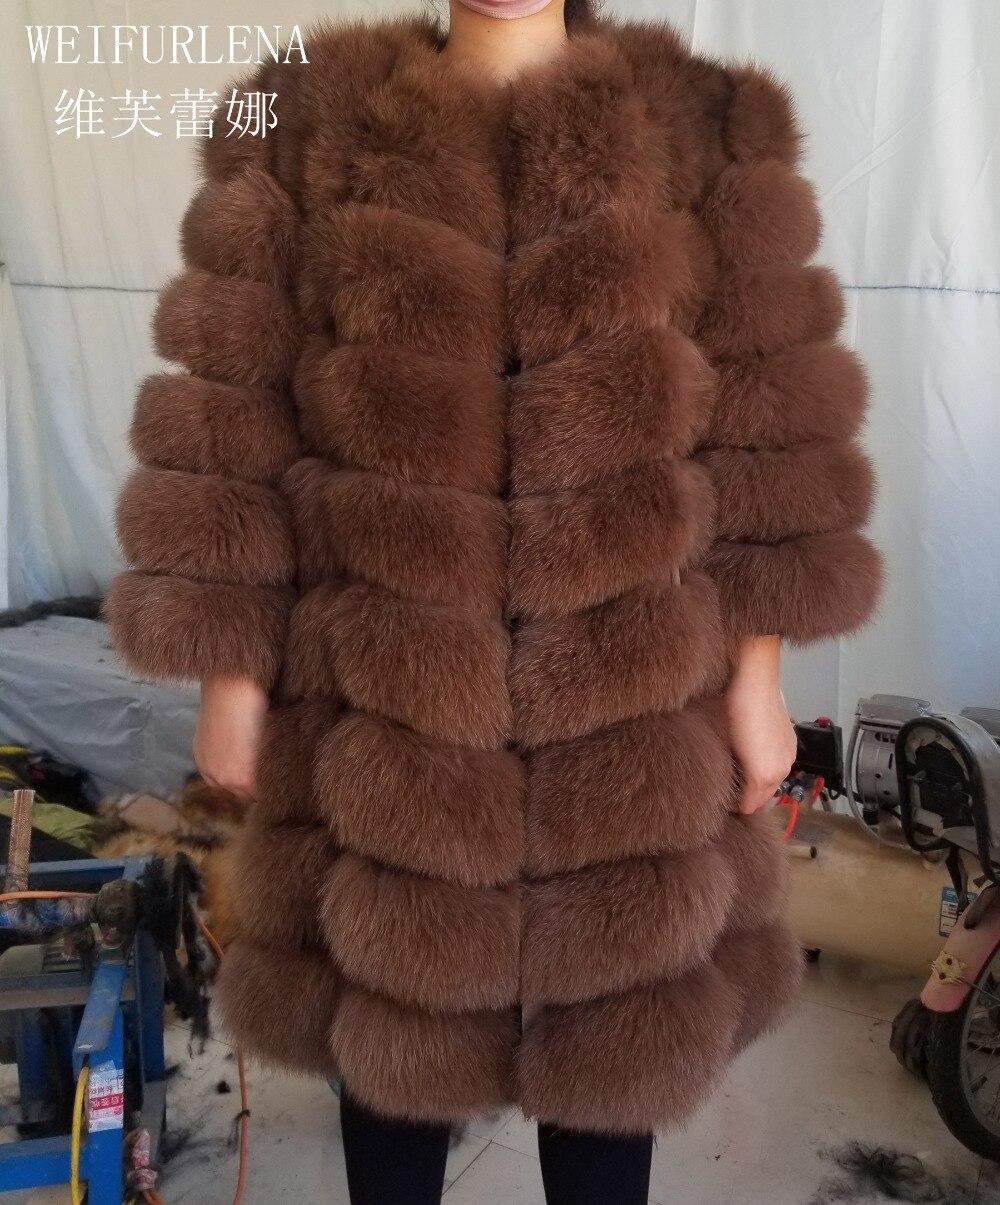 Delle donne Reale Cappotto di Pelliccia Lungo Gilet di Pelliccia di Volpe Naturale Stile di Modo Genuino Della Pelliccia Della Signora di Inverno Caldo di Lusso Gilet Cappotti